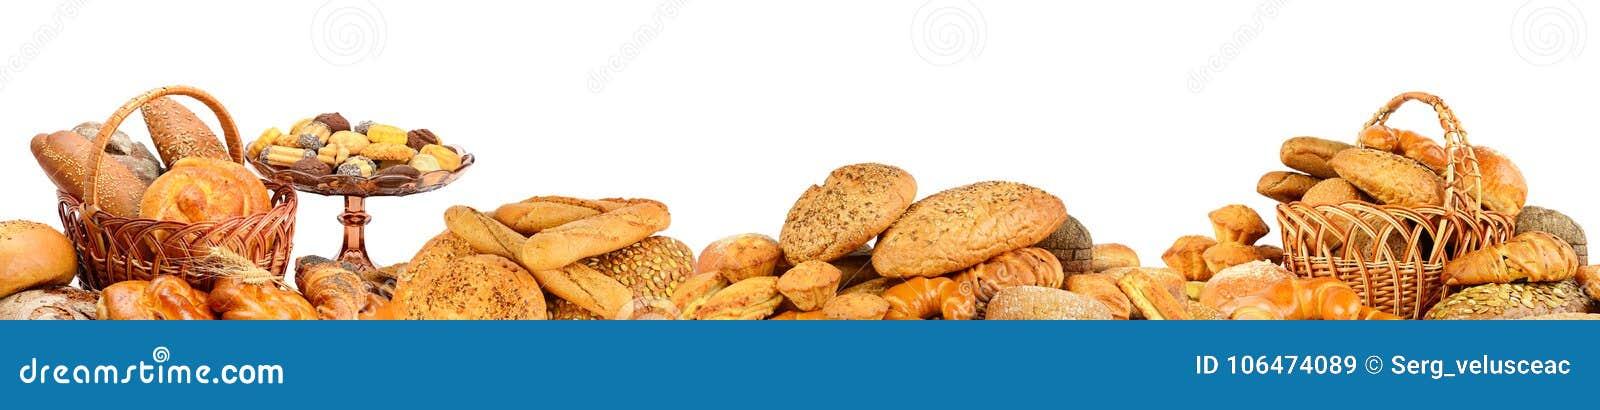 Панорама продуктов свежего хлеба изолированных на белизне